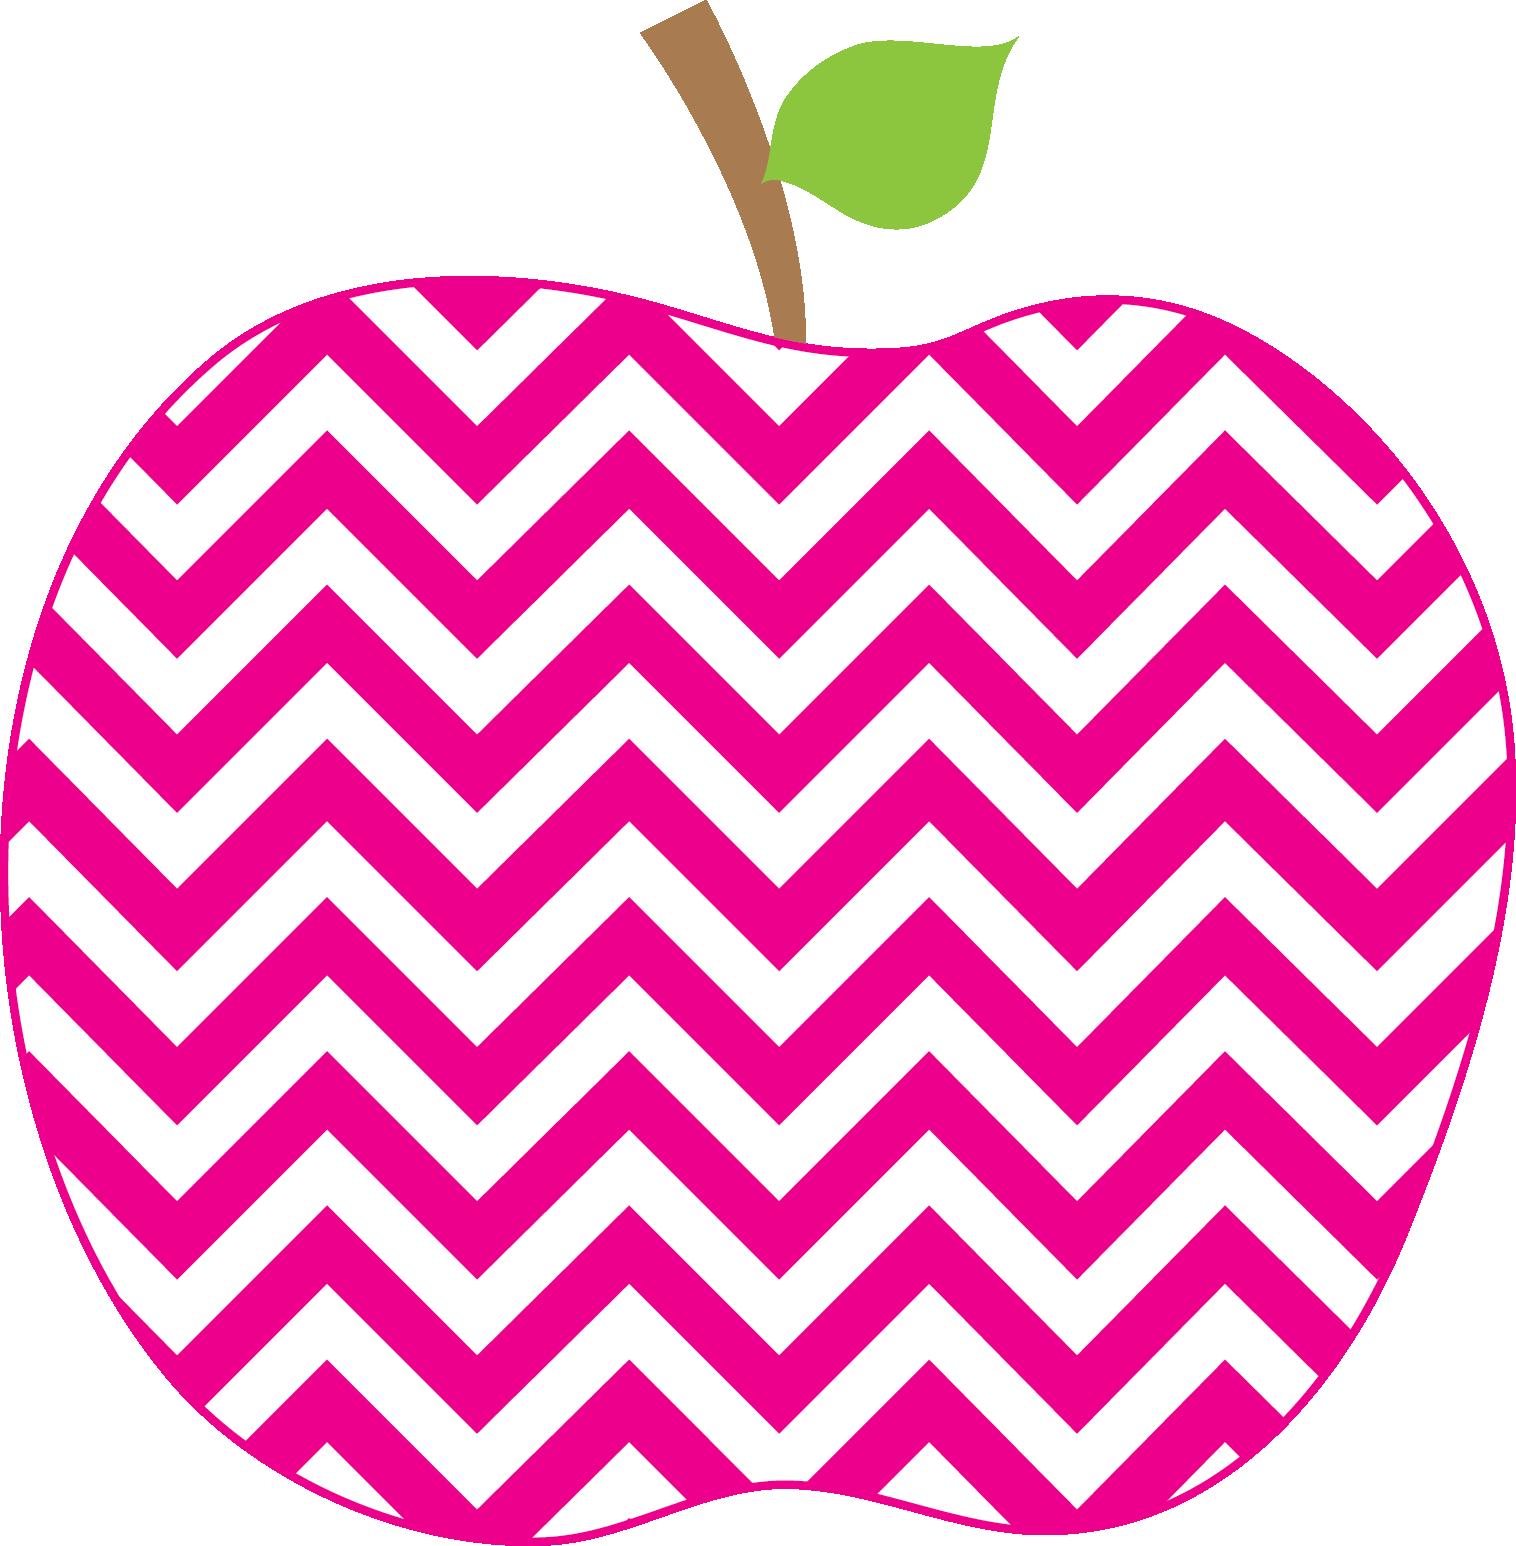 1516x1546 Apple Clipart Cute Chevron